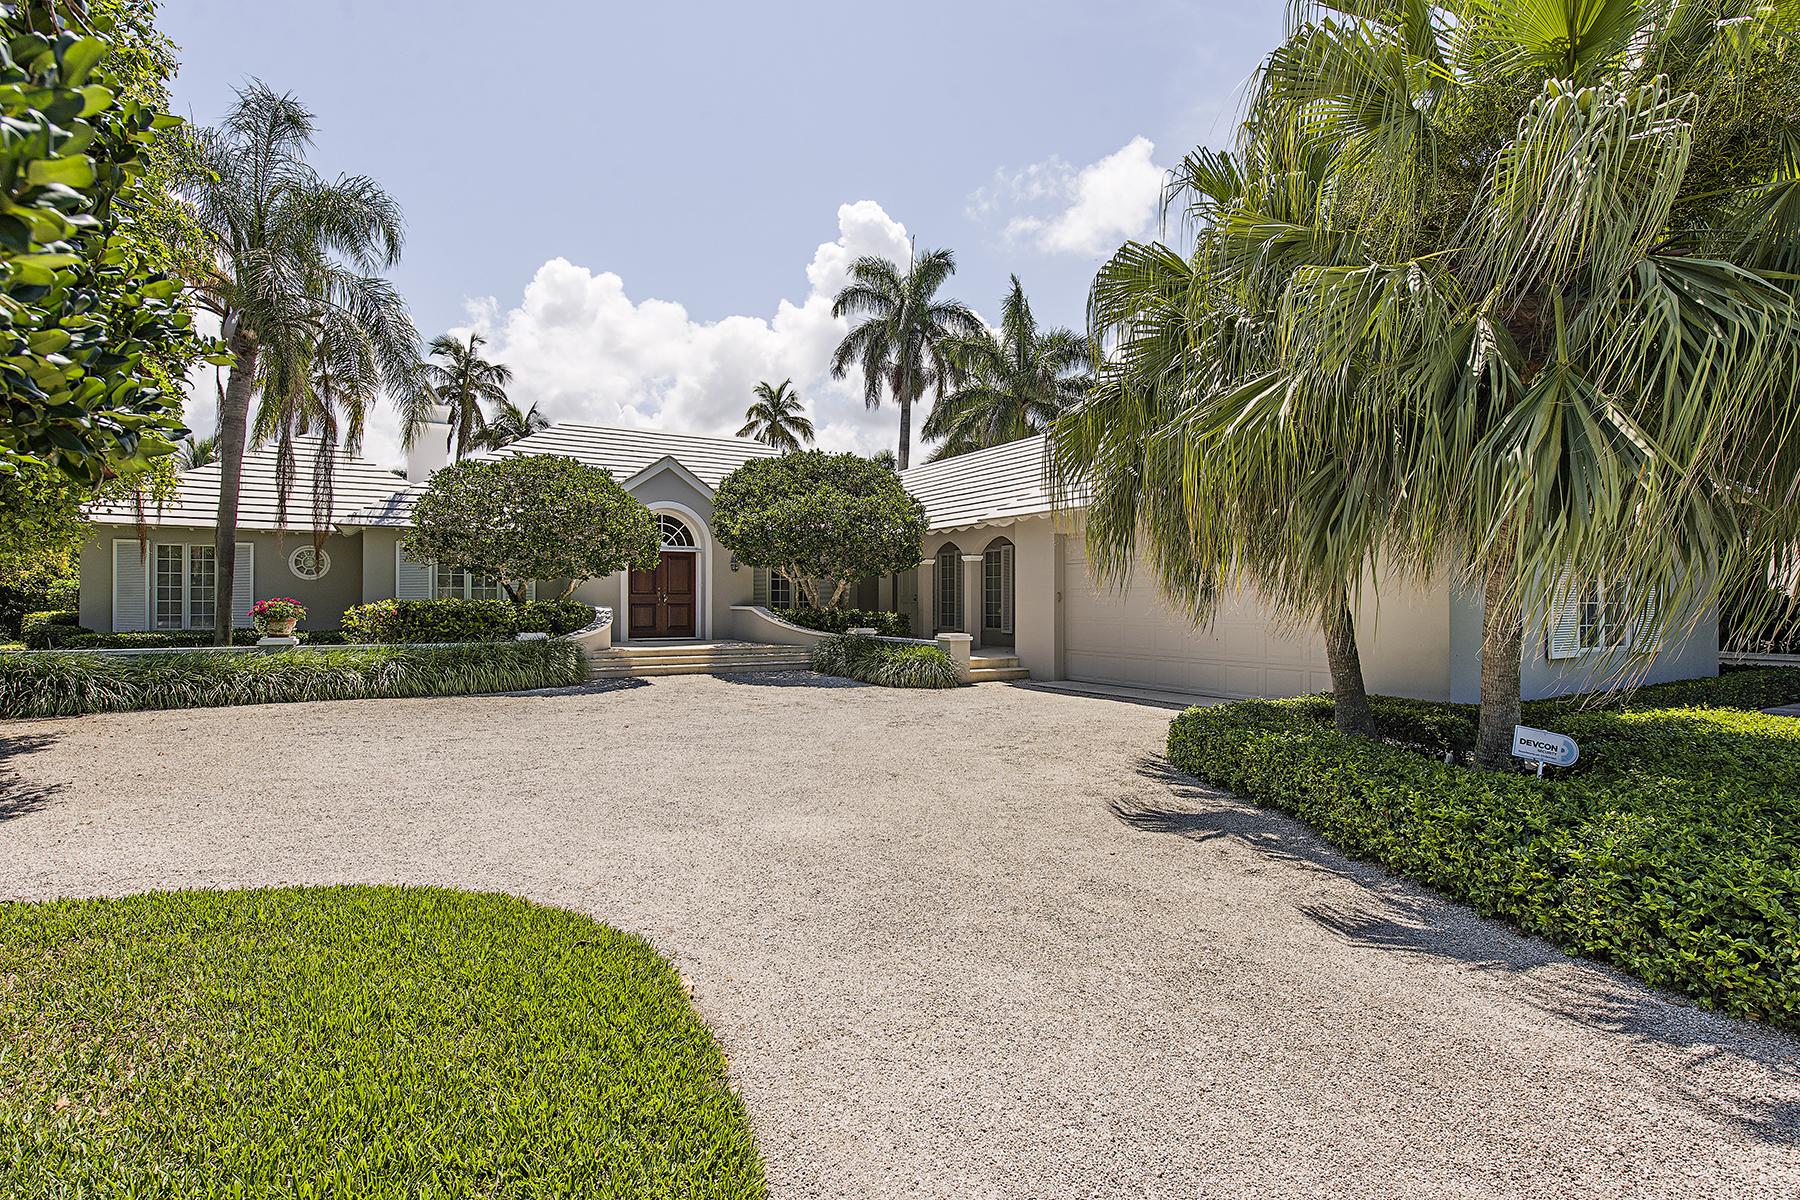 独户住宅 为 出租 在 PORT ROYAL 3323 Gin Ln 那不勒斯, 佛罗里达州 34102 美国